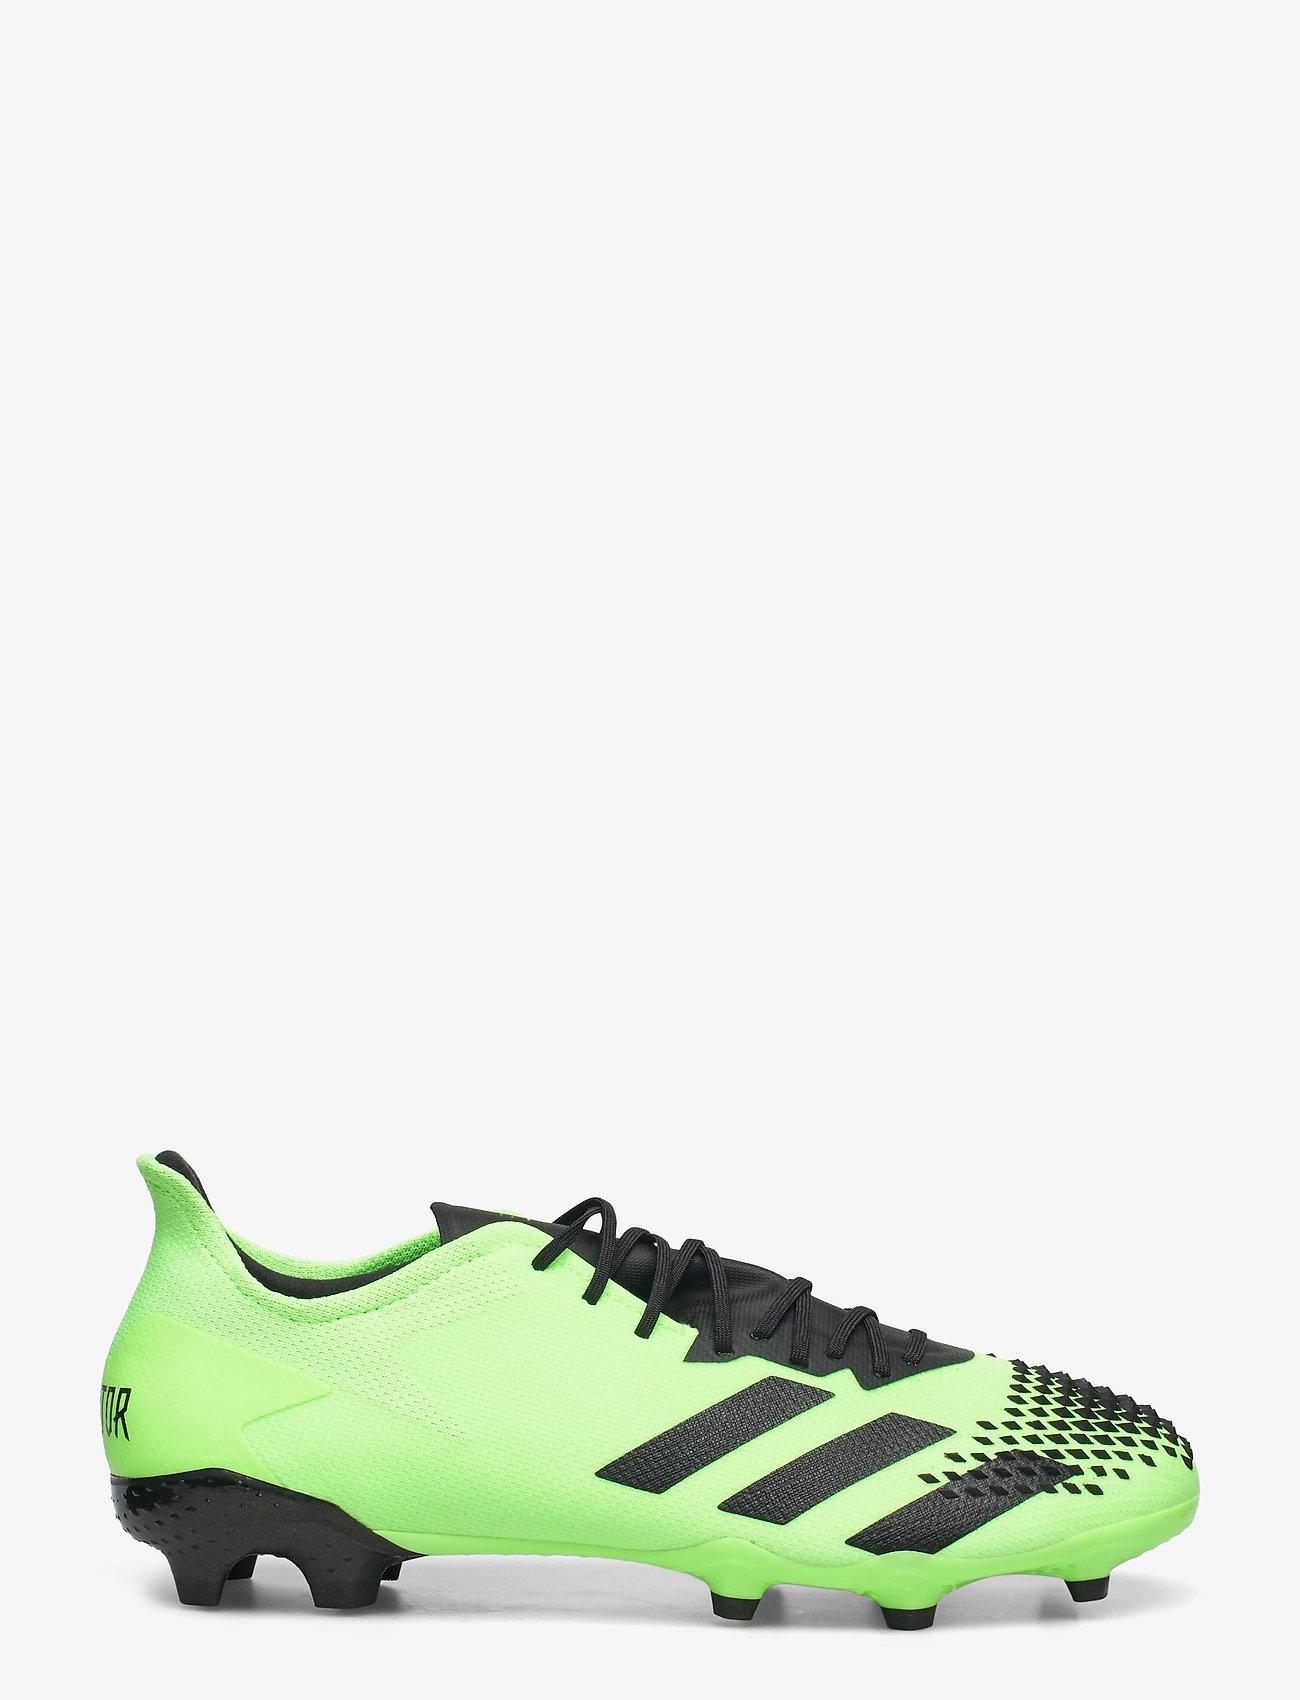 adidas Performance - PREDATOR 20.2 FG - fodboldsko - siggnr/ftwwht/cblack - 1